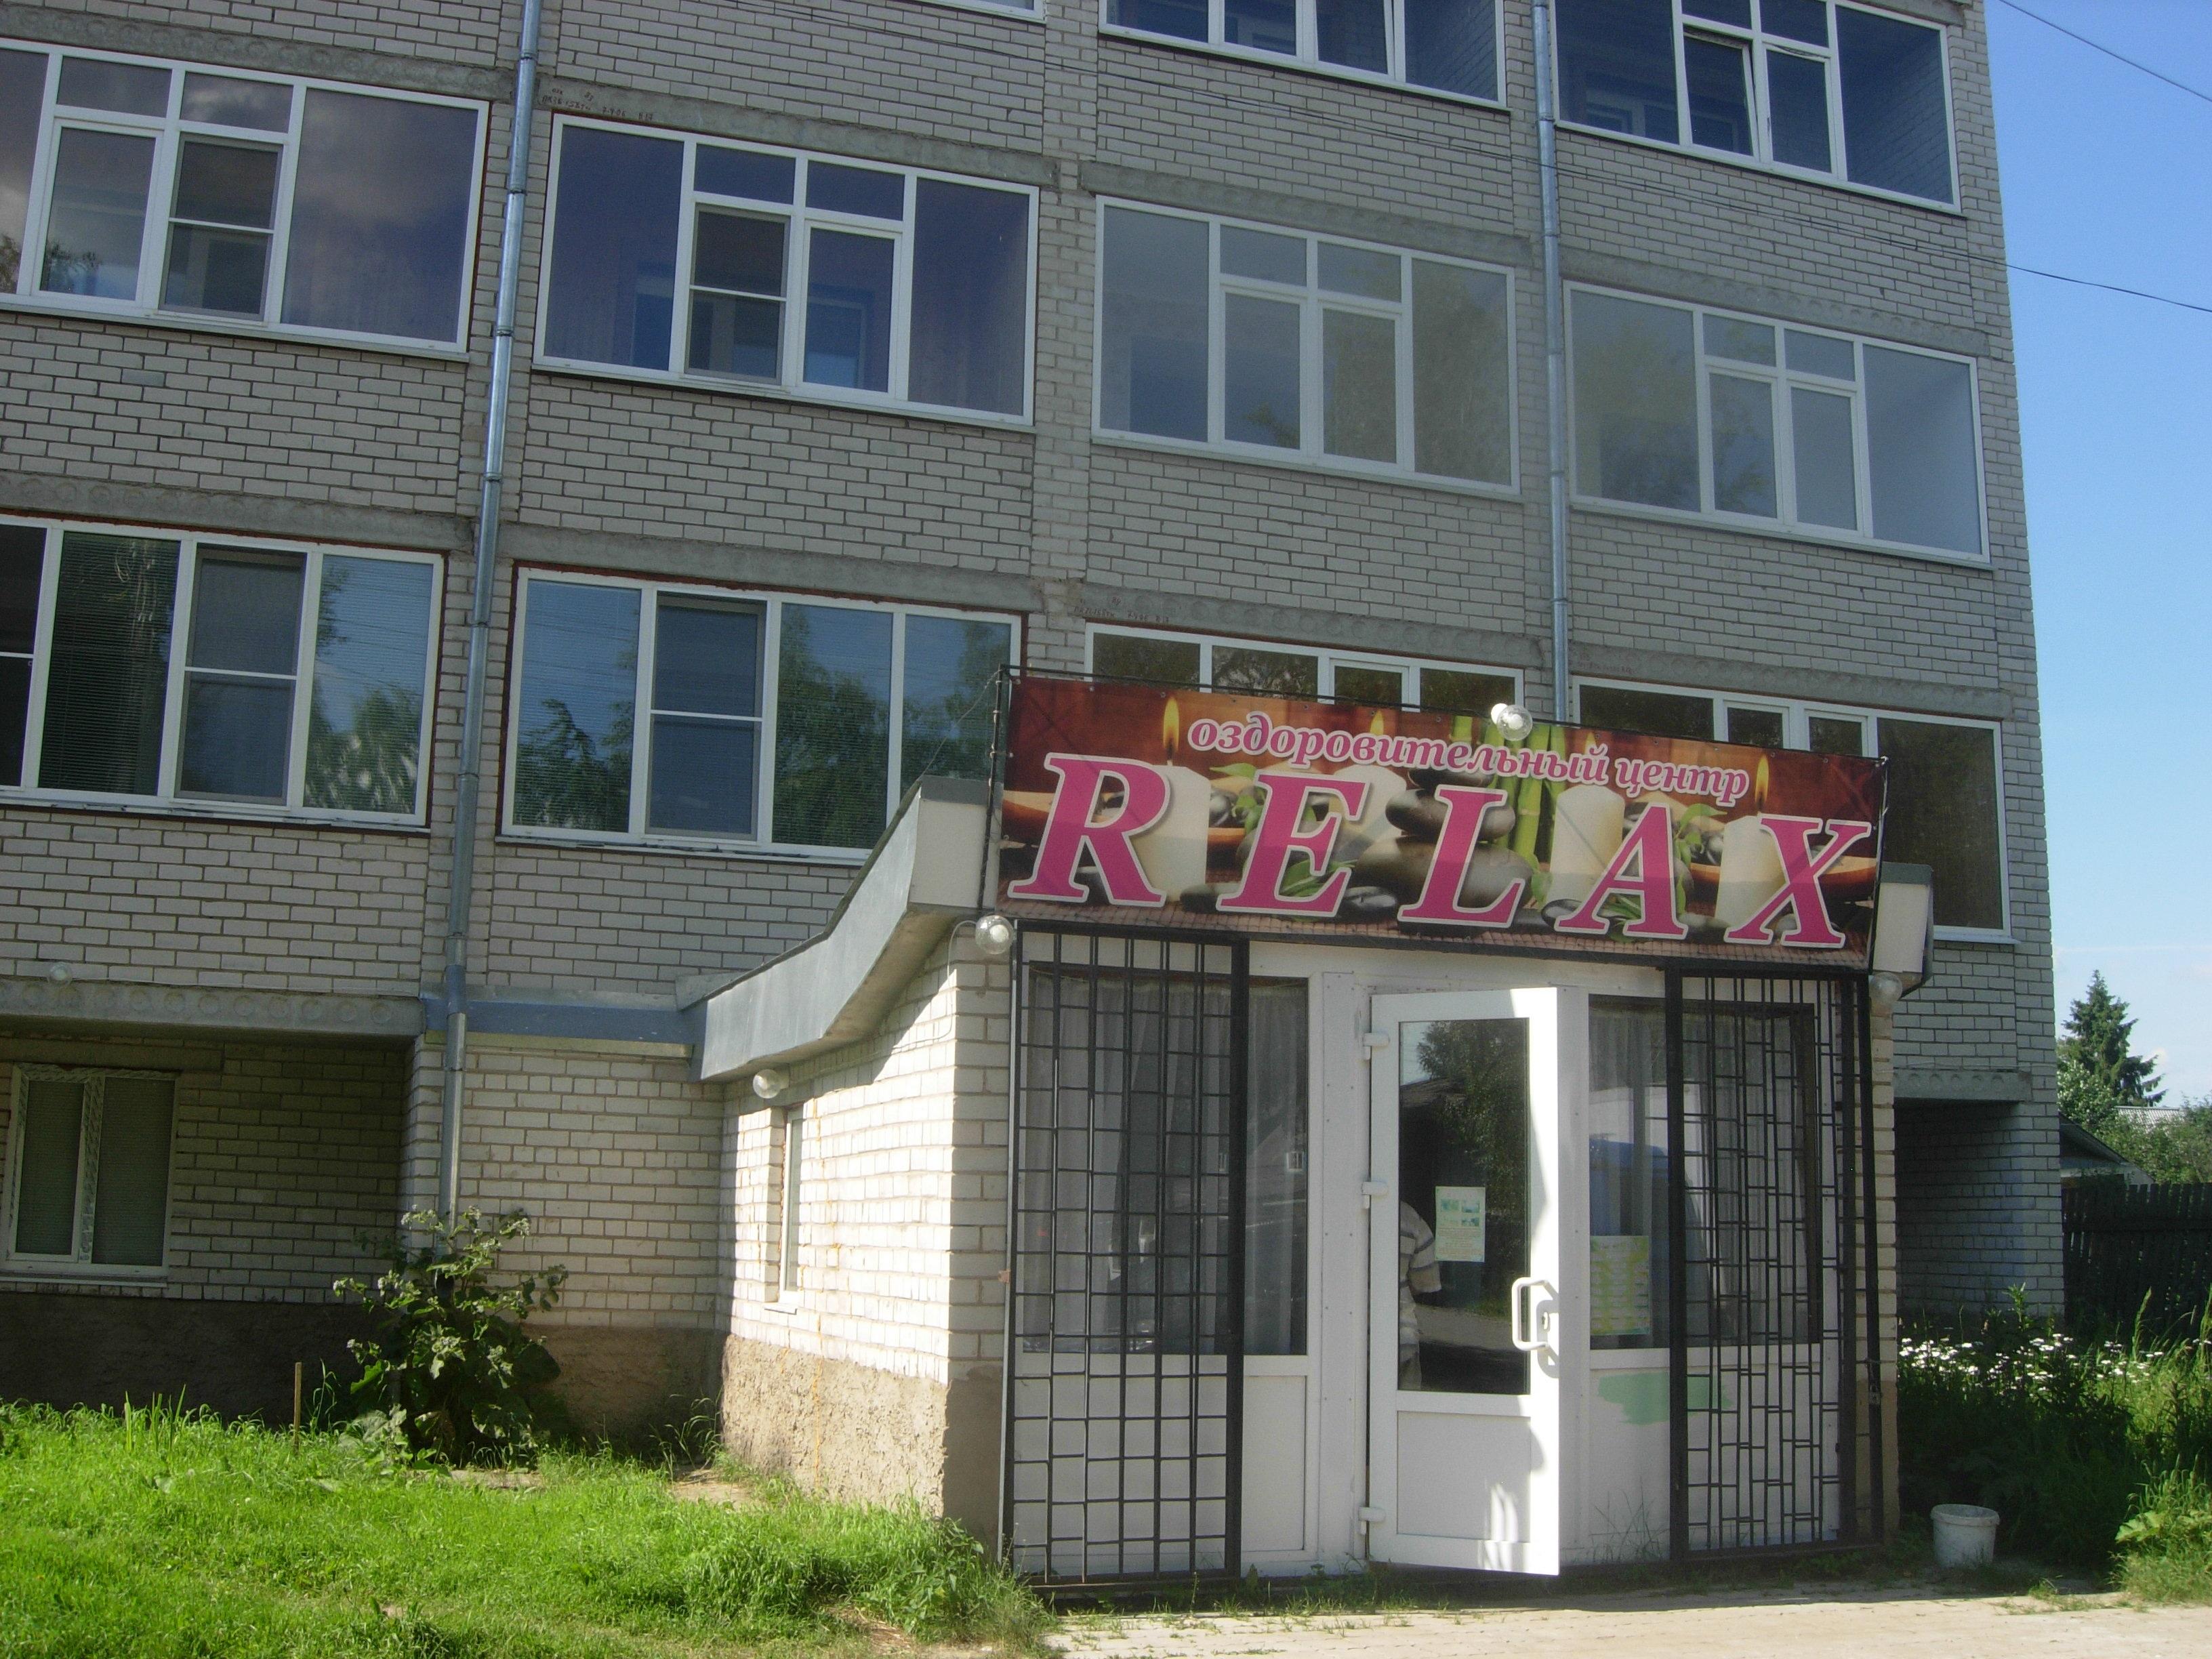 Роспотребнадзор закрыл баню в подвале многоквартирного жилого дома в Великом Устюге